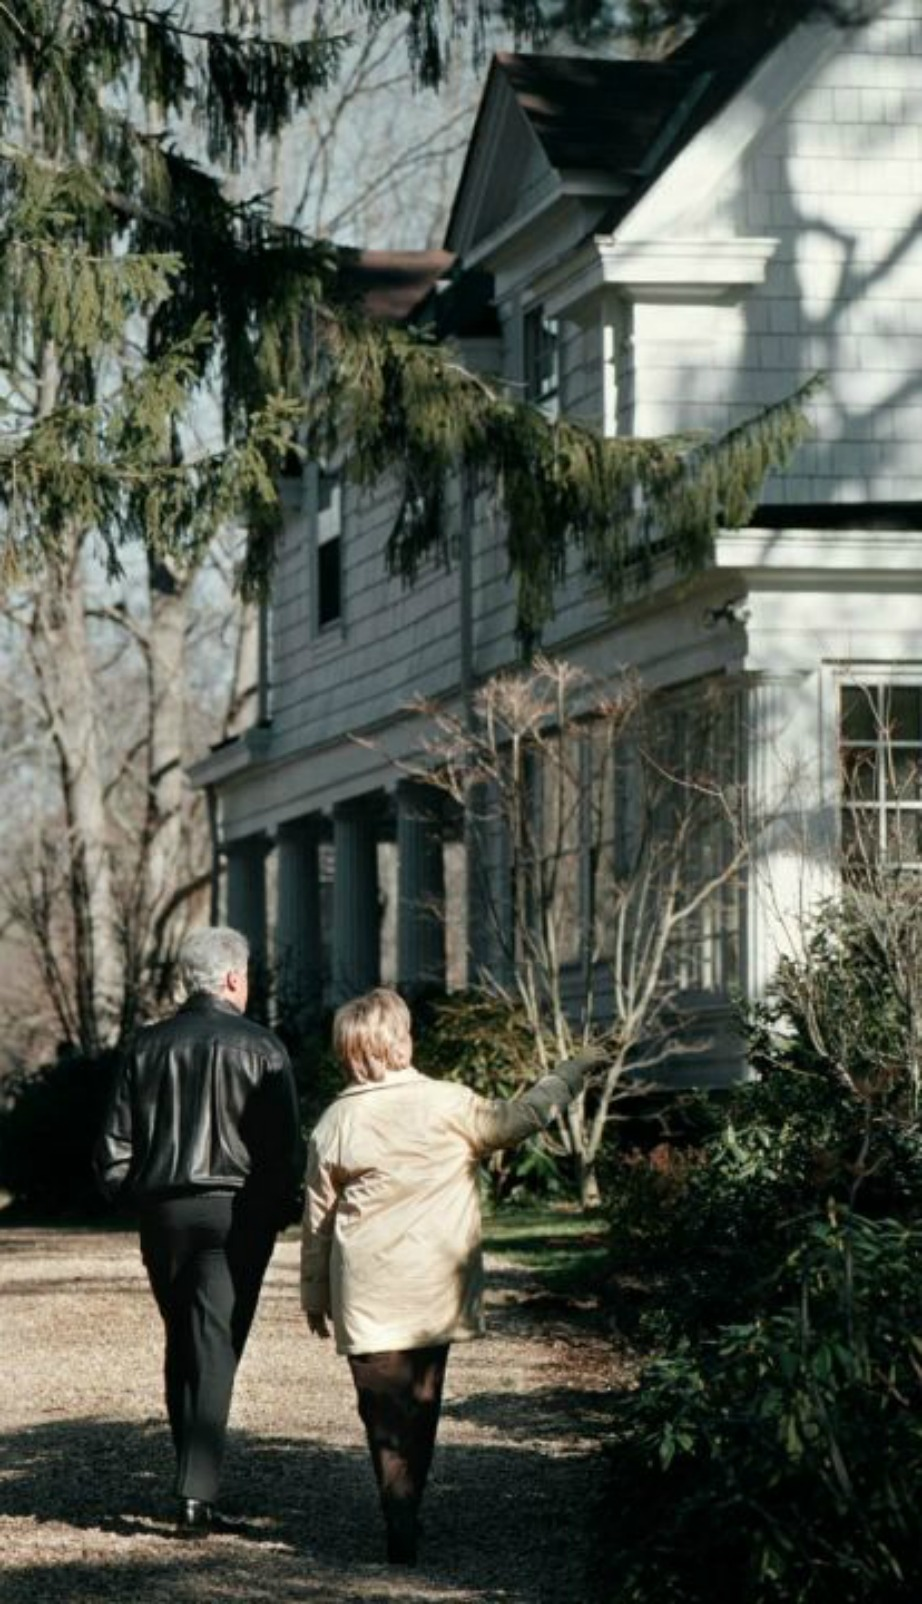 Το σπίτι βρίσκεται μόλις 56 χιλιόμετρα από τη Νέα Υόρκη.